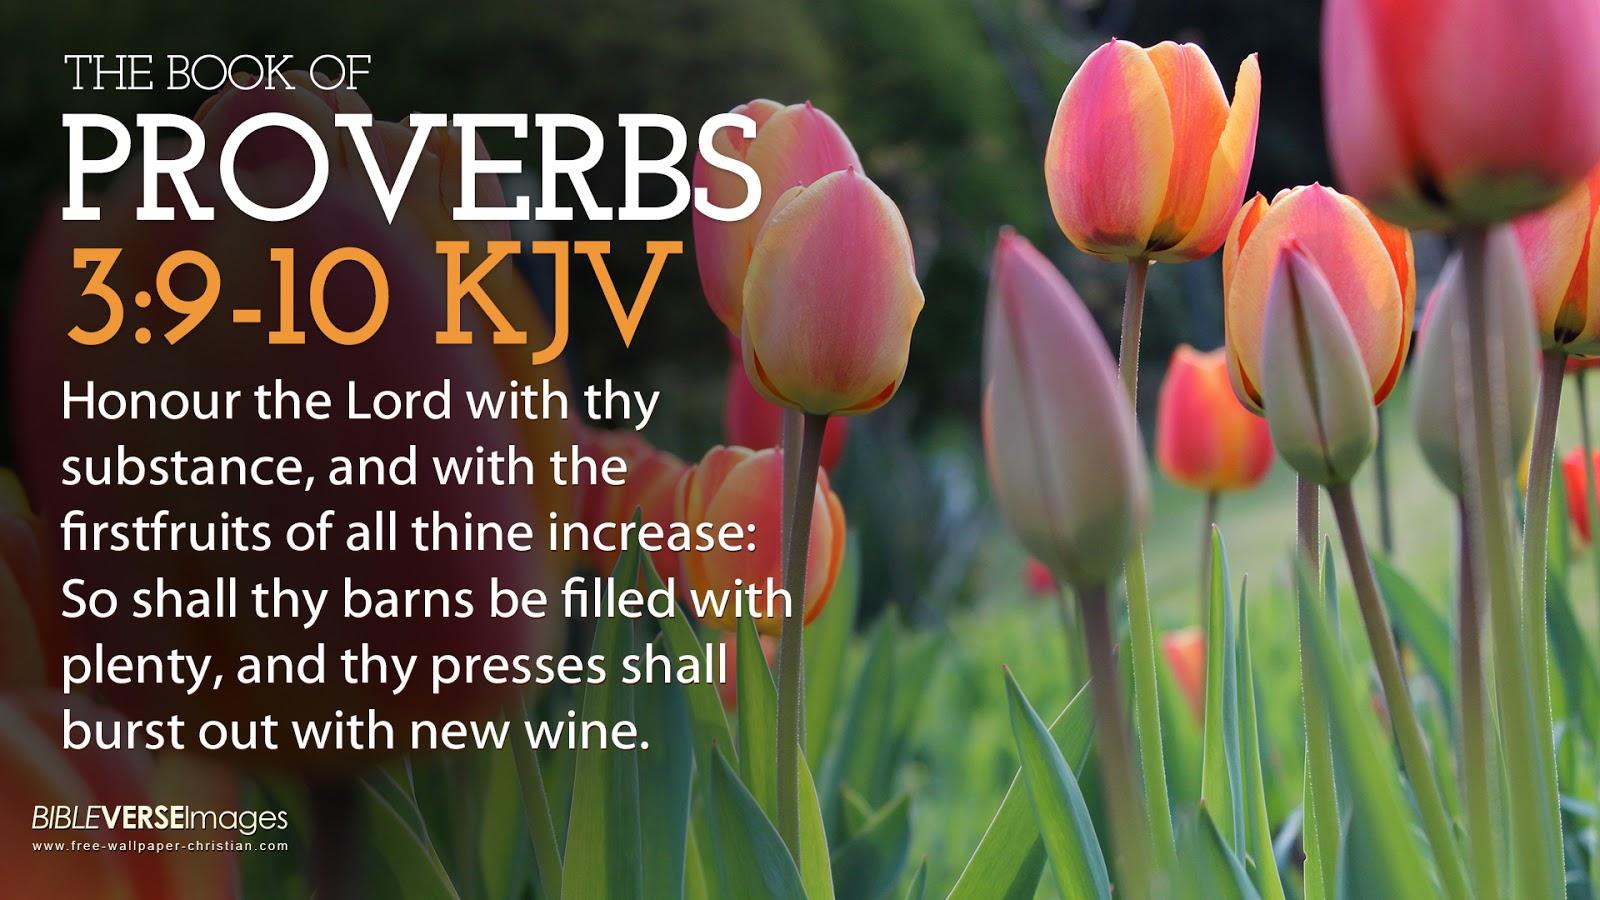 Bible Verse Wallpaper proverbs 3 9 10 King James Versionjpg 1600x900